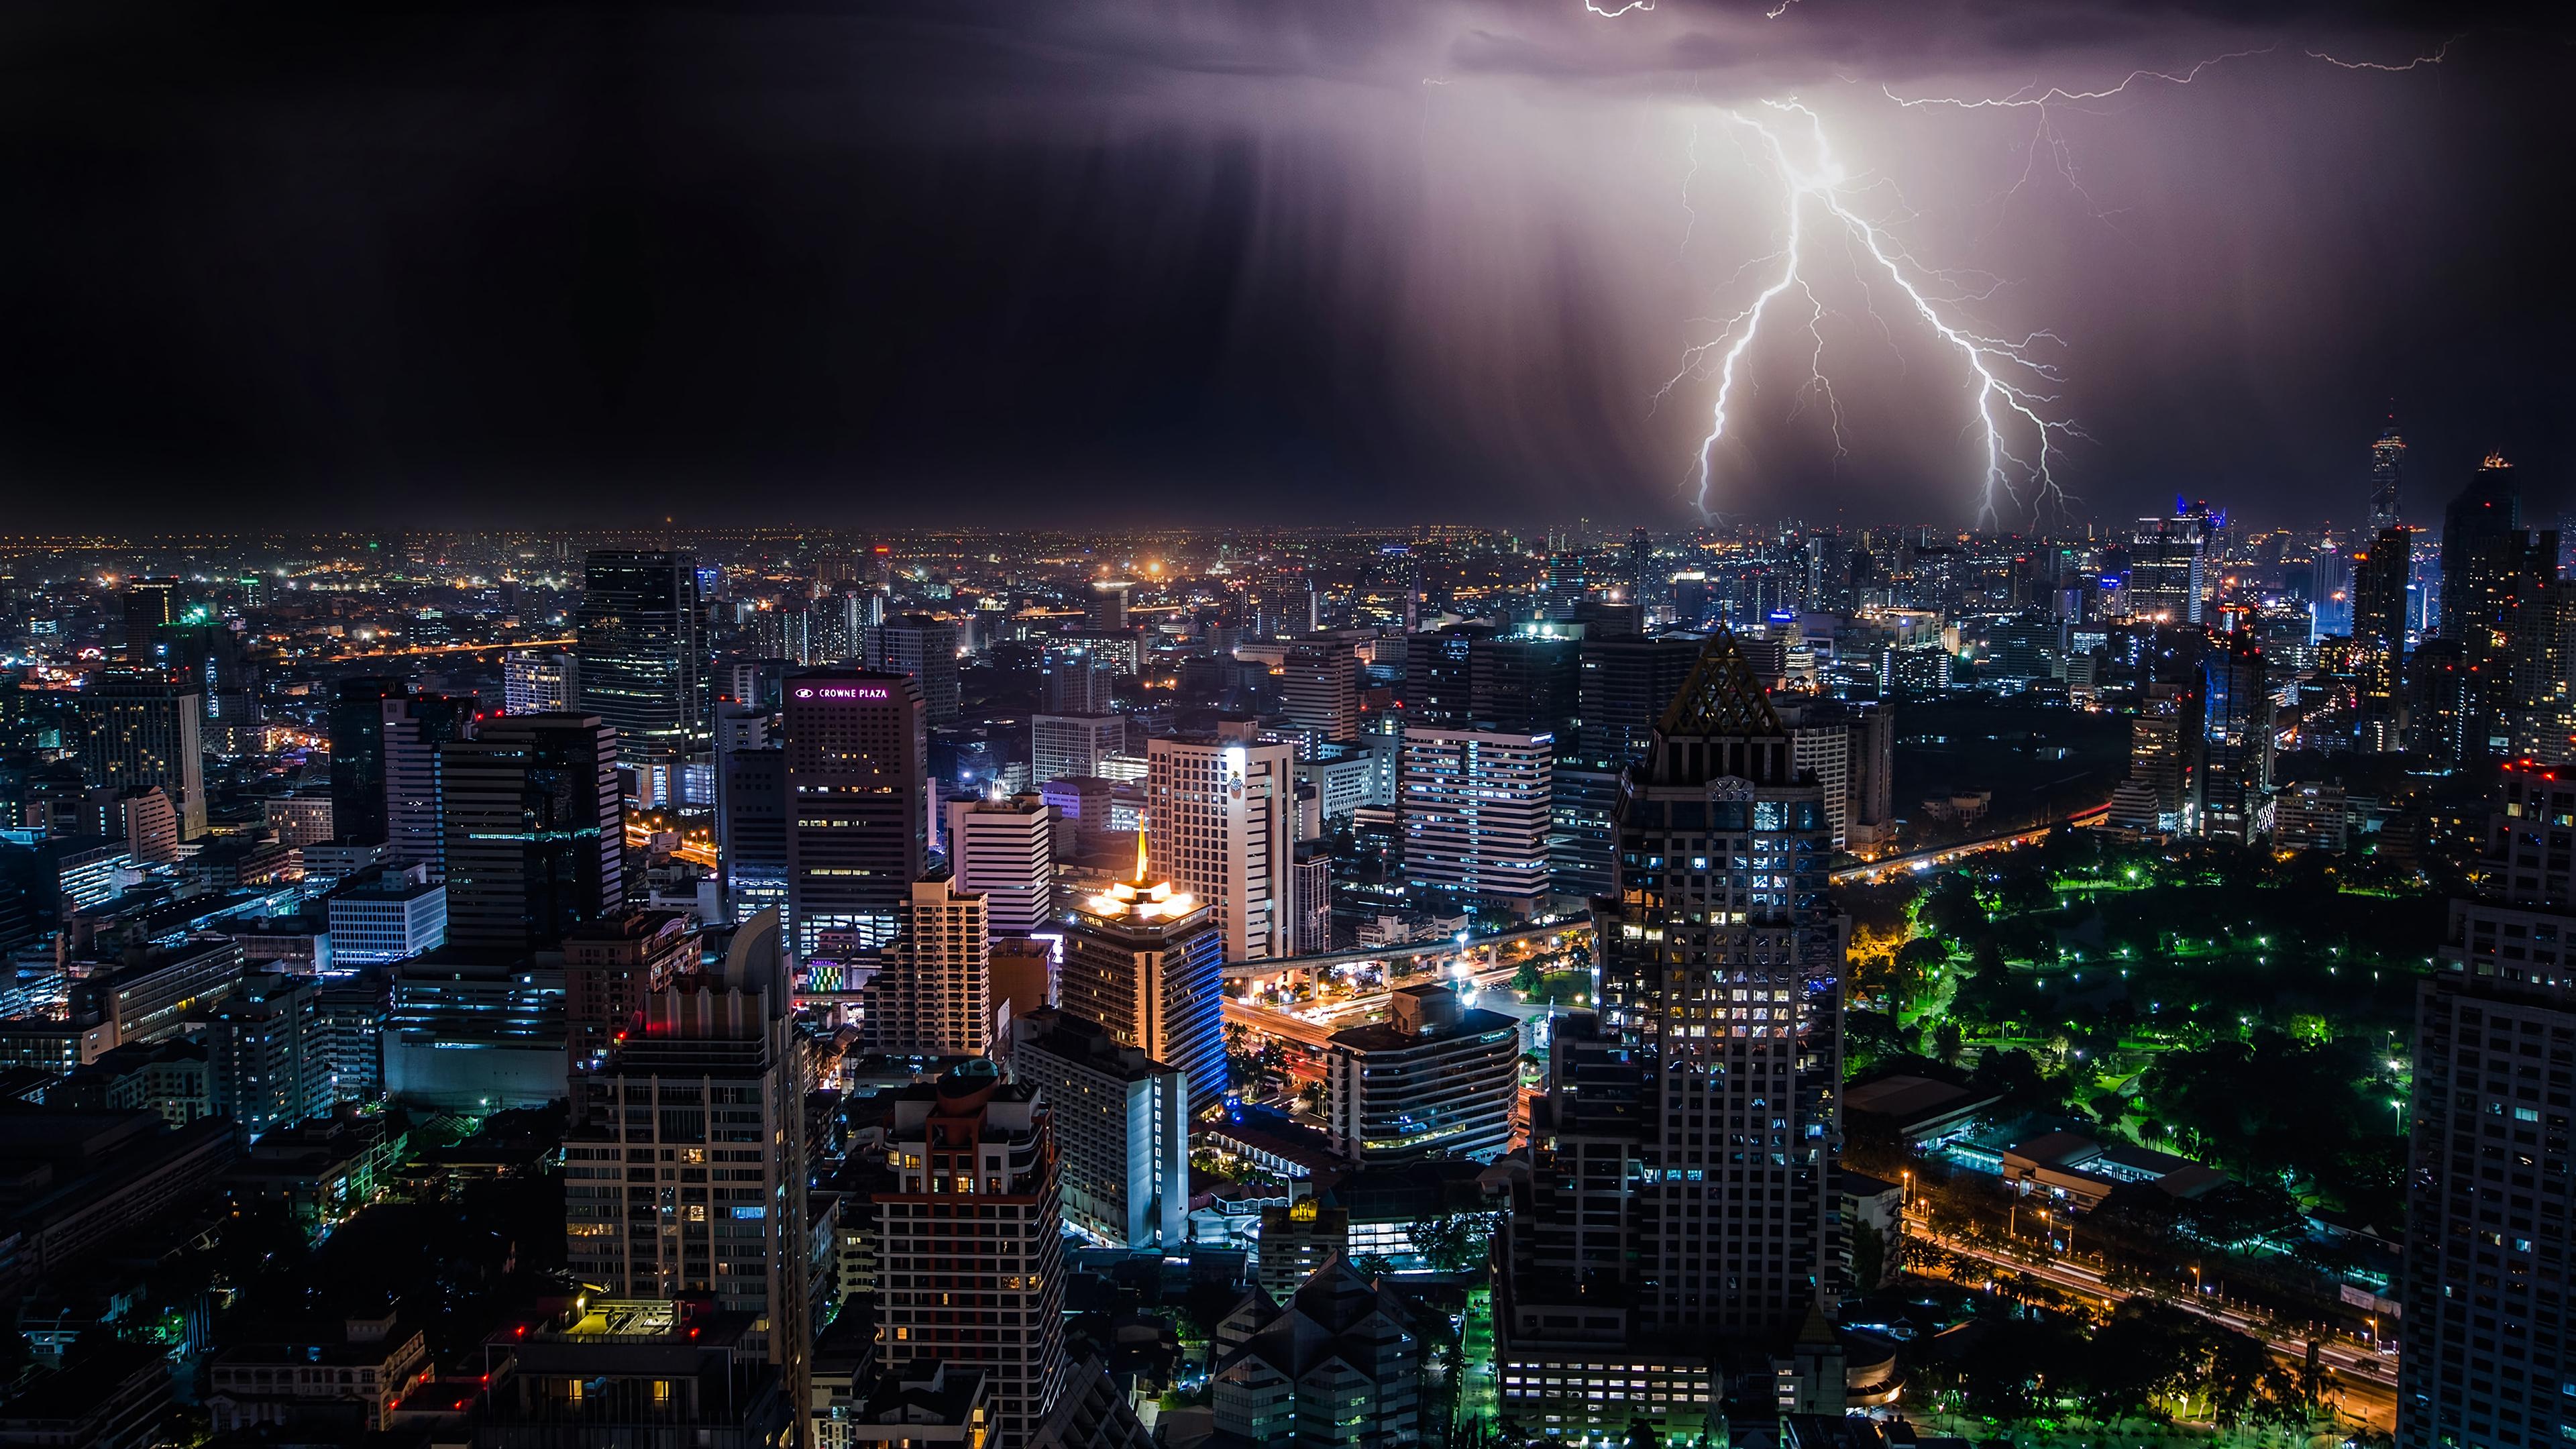 lightning storm at night bangkok 1569187773 - Lightning Storm At Night Bangkok - world wallpapers, lightning wallpapers, hd-wallpapers, bangkok wallpapers, 4k-wallpapers